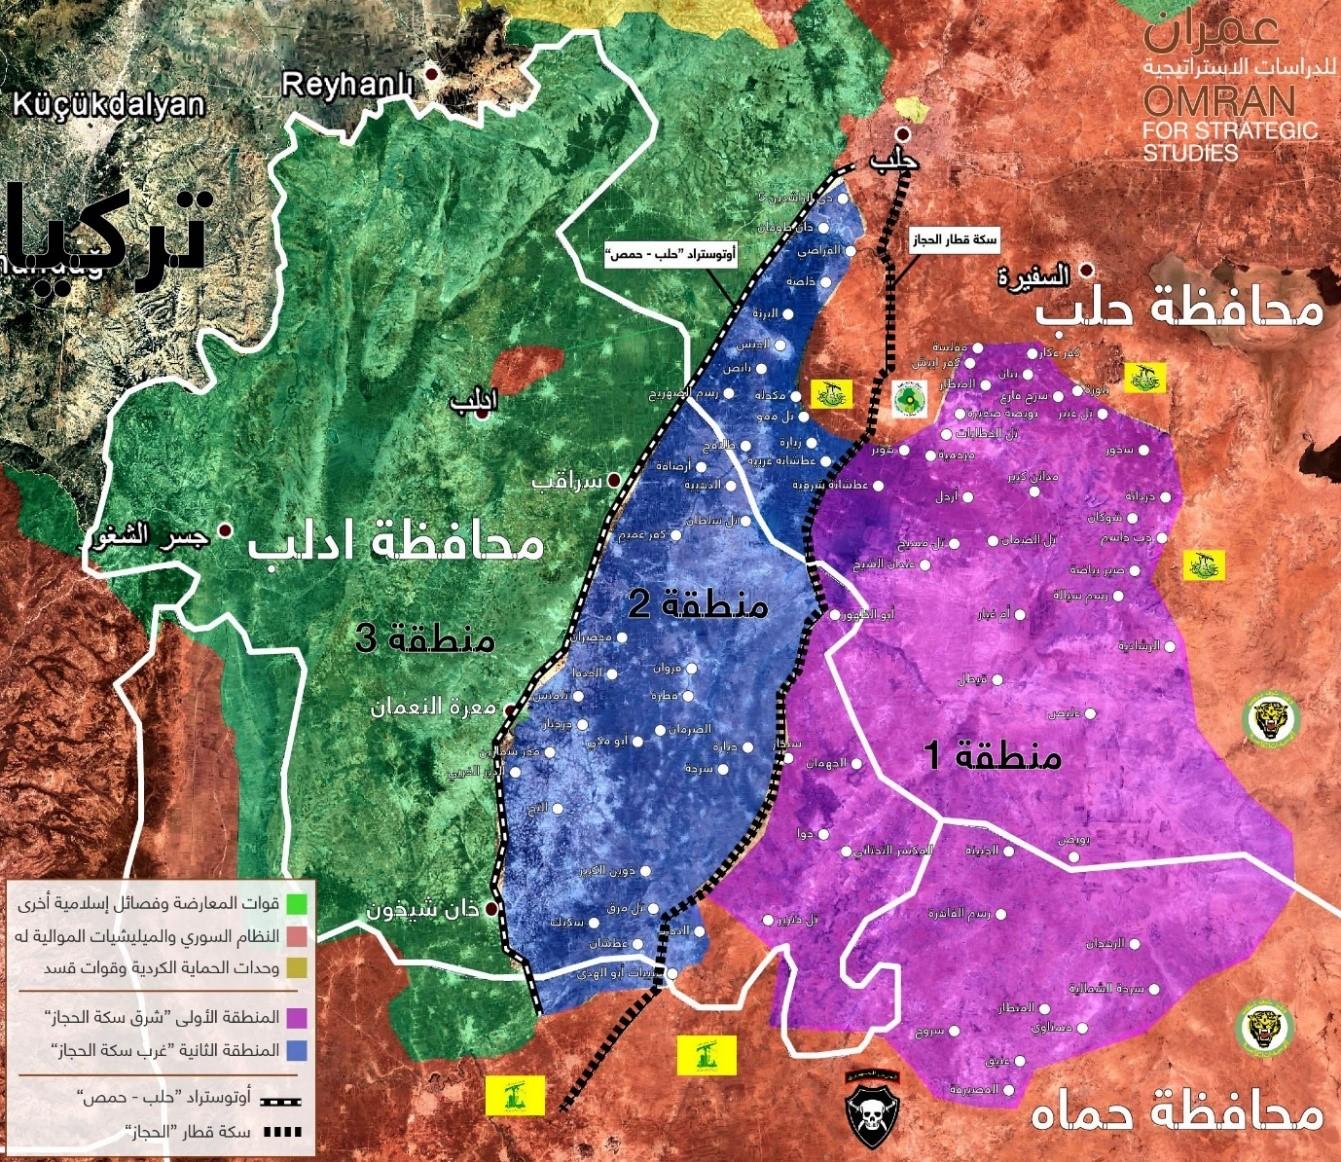 """المنطق الزرقاء في الخريطة تديرها روسيا وتنتشر """"تحرير الشام"""" في الزرقاء، بينما تخضع الخضراء لنفوذ تركيا (مركز عمران للدراسات)"""